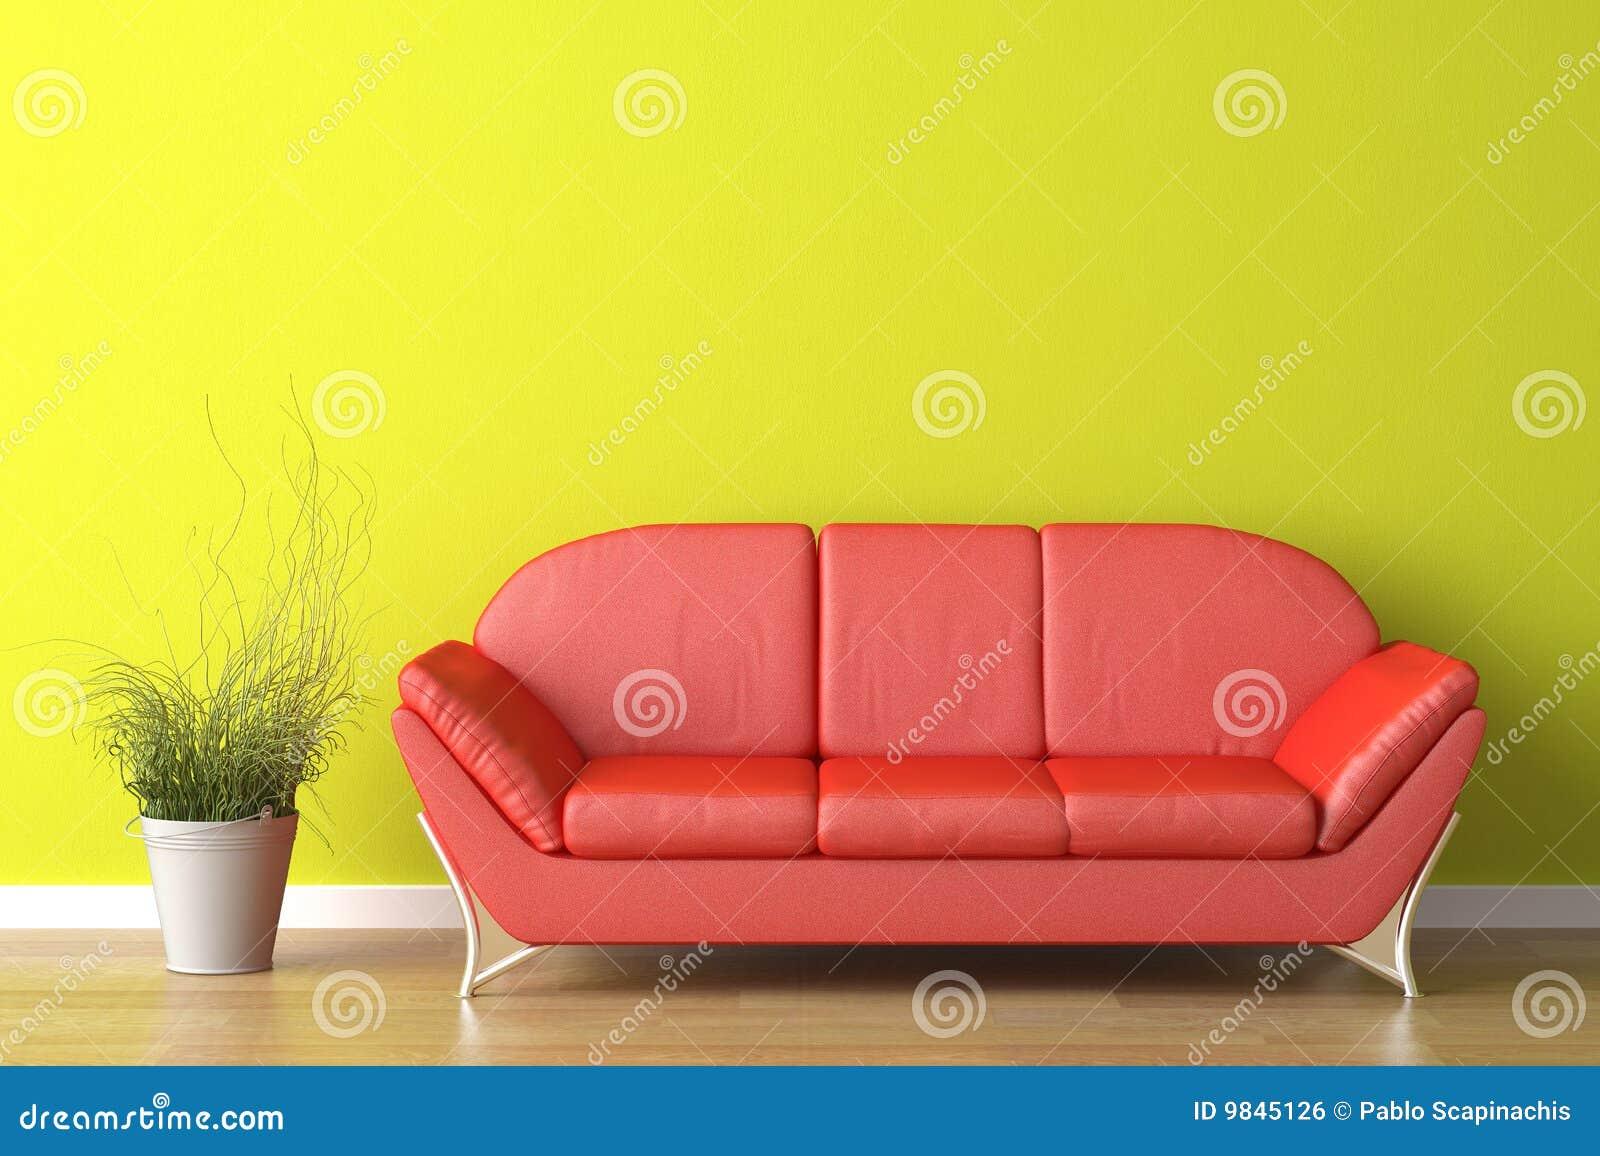 Rote Couch Der Innenarchitektur Auf Grün Stock Abbildung